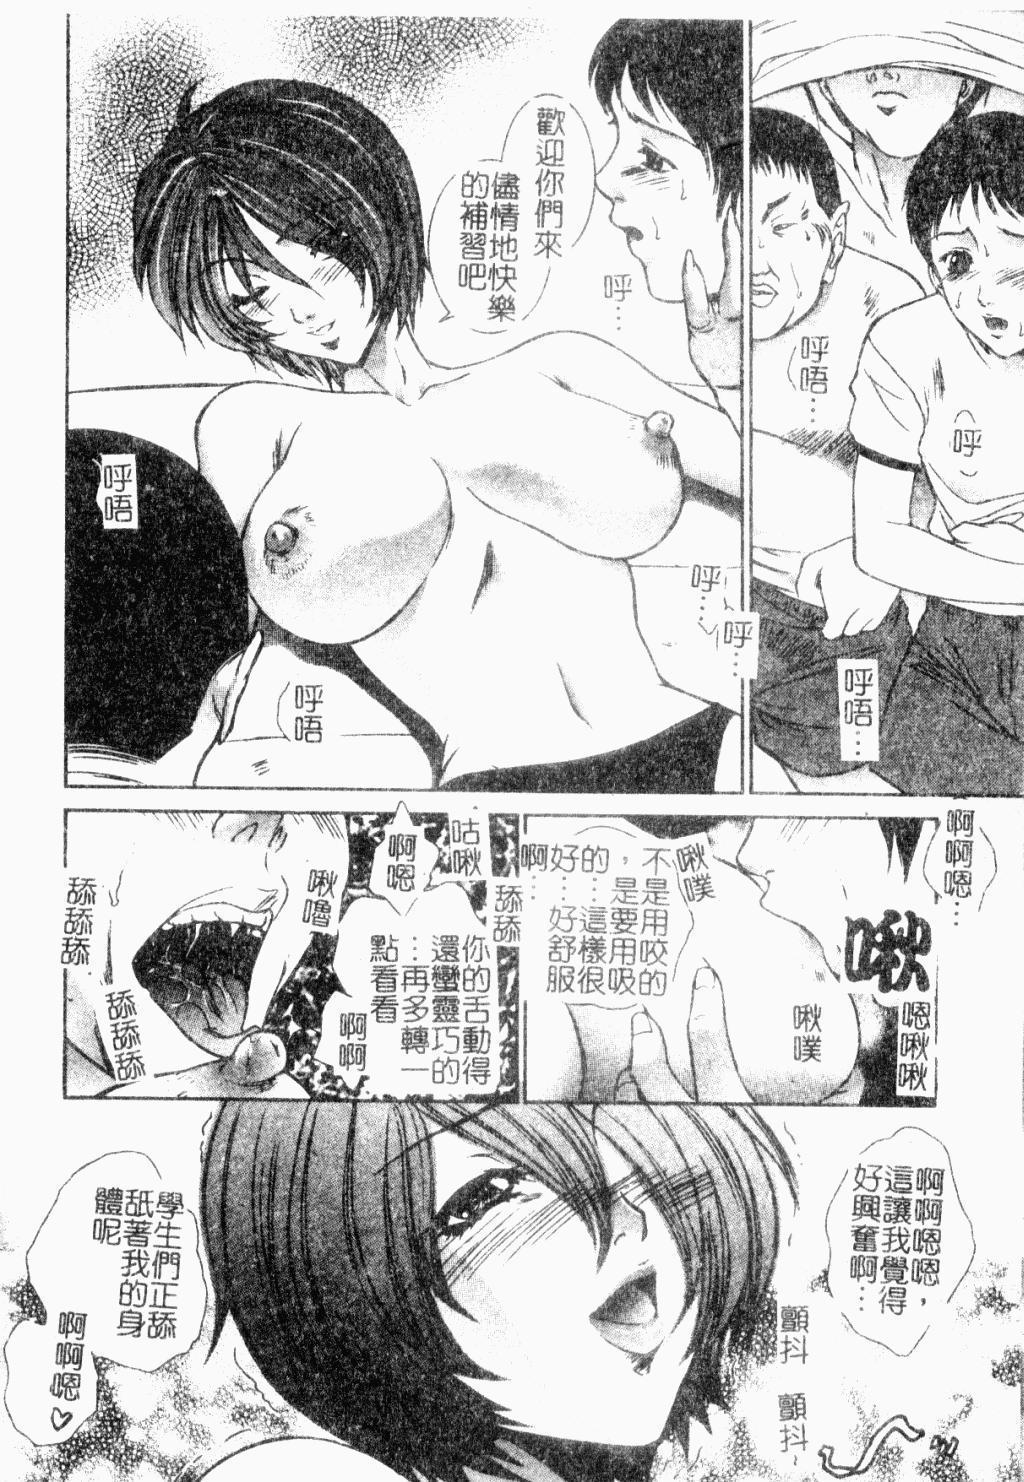 Choukyou Gakuen 2 Genteiban 26